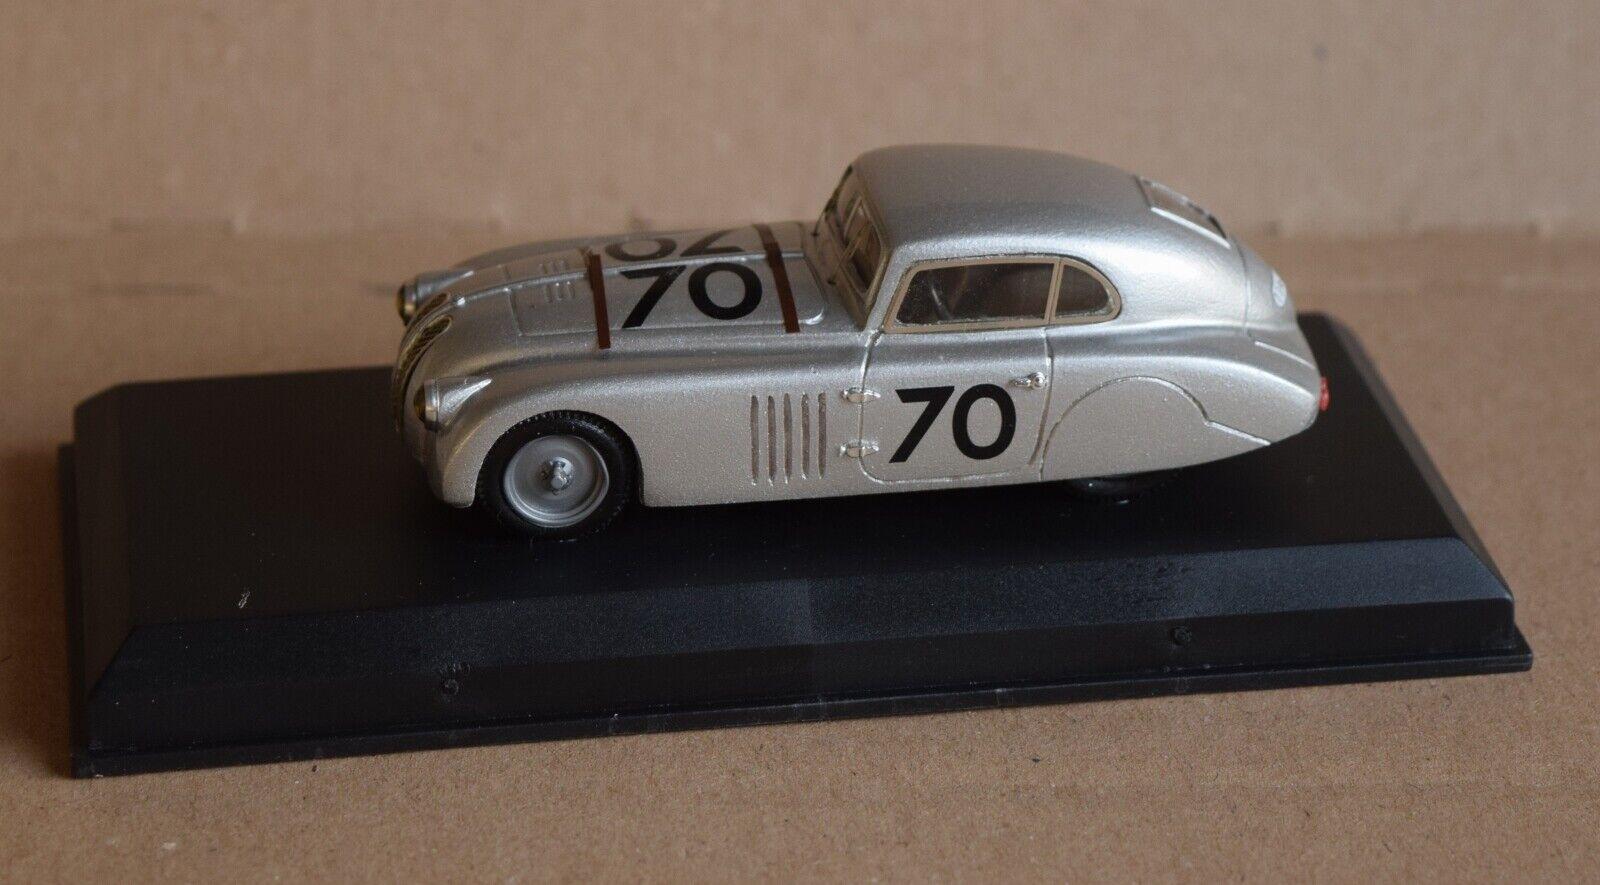 BMW  328 Mille Miglia; Nr.70; Top Model; 1 43  venez choisir votre propre style sportif